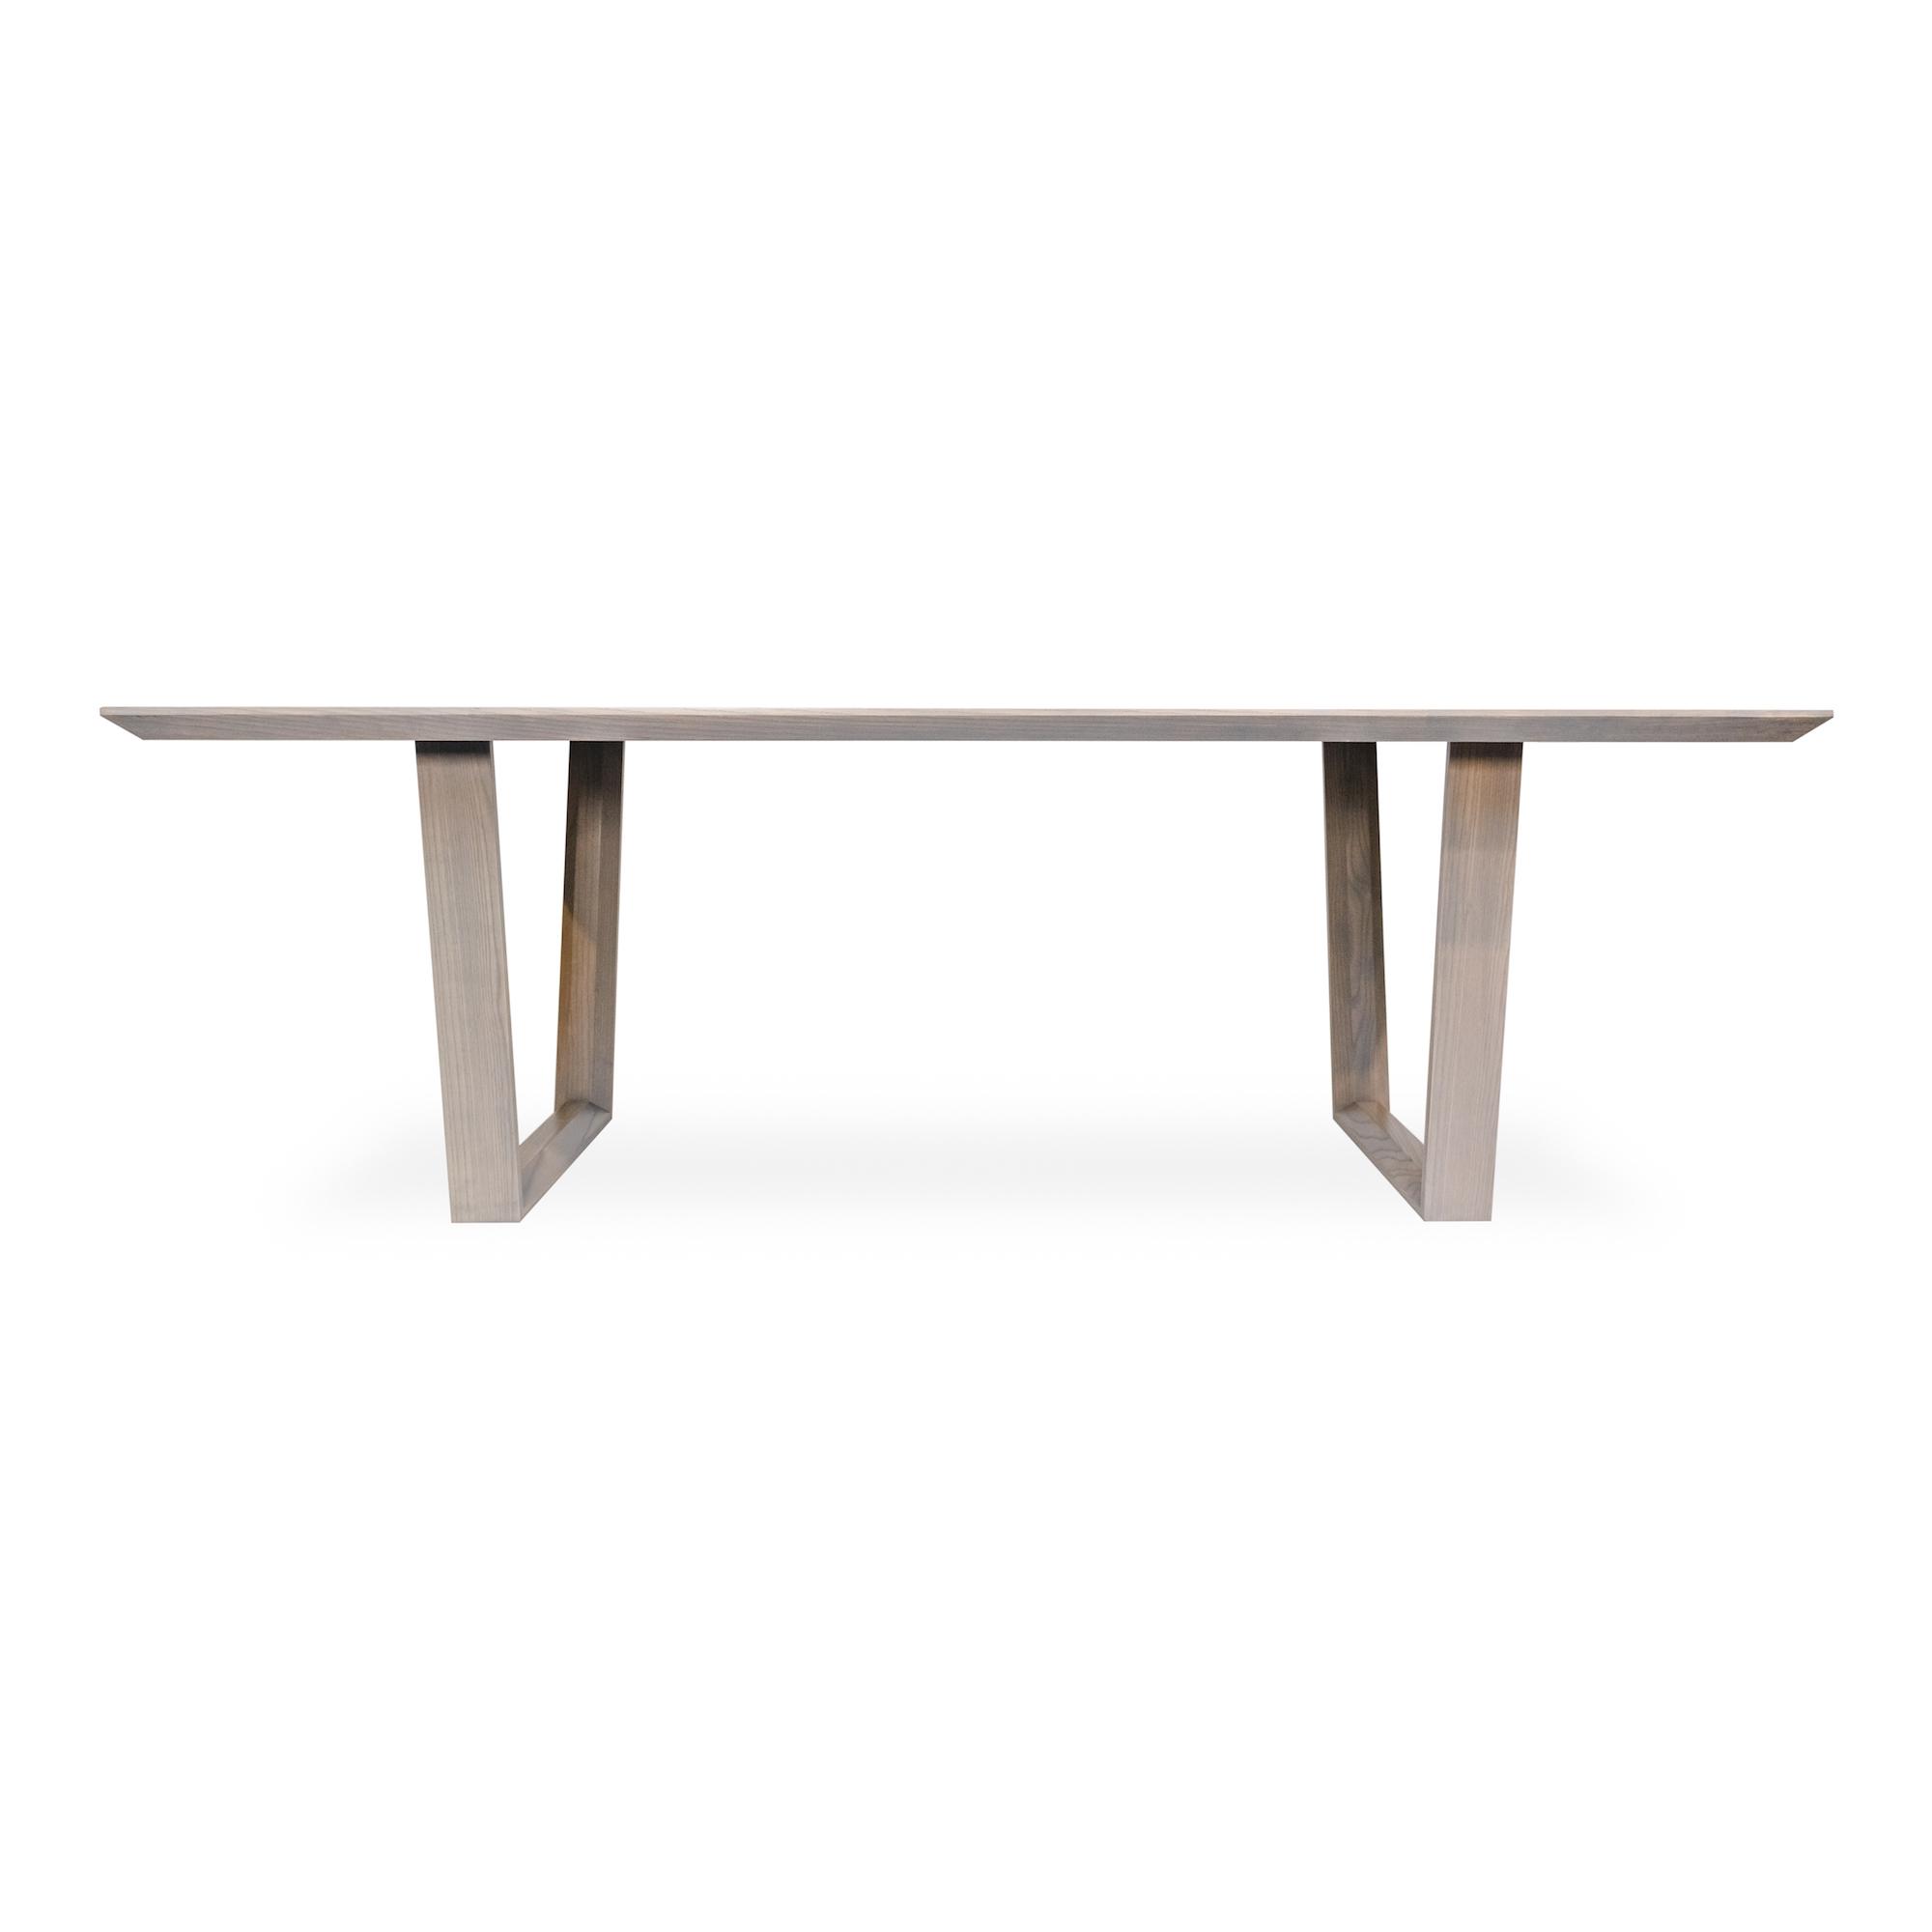 Woodcraft_Furniture_KubricDiningTable-2-1-1.jpg